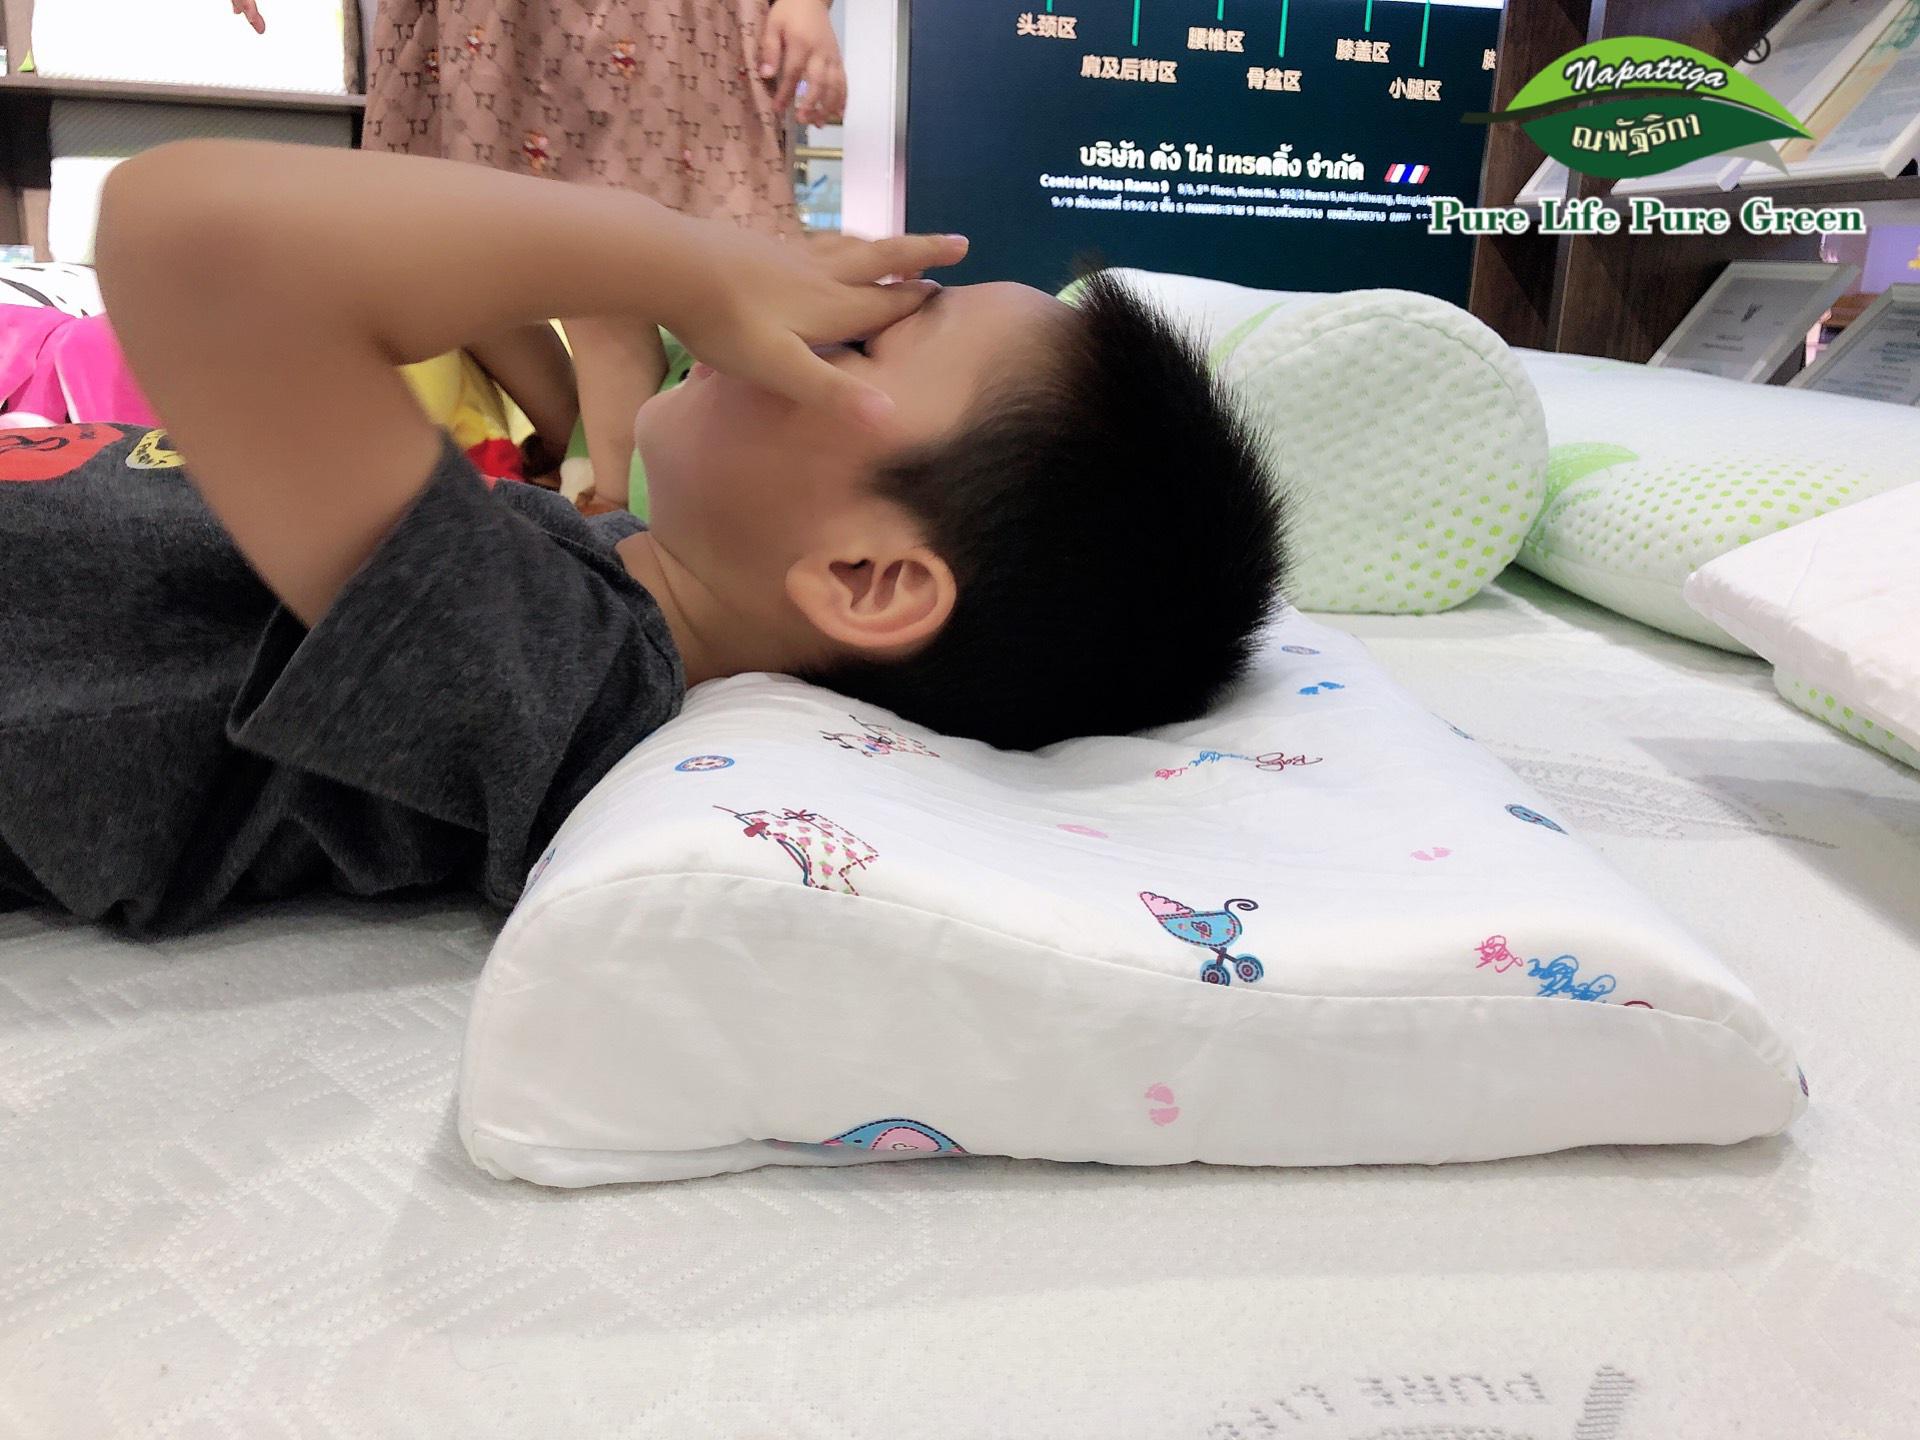 关爱孩子成绩的同时也要关爱孩子睡眠健康